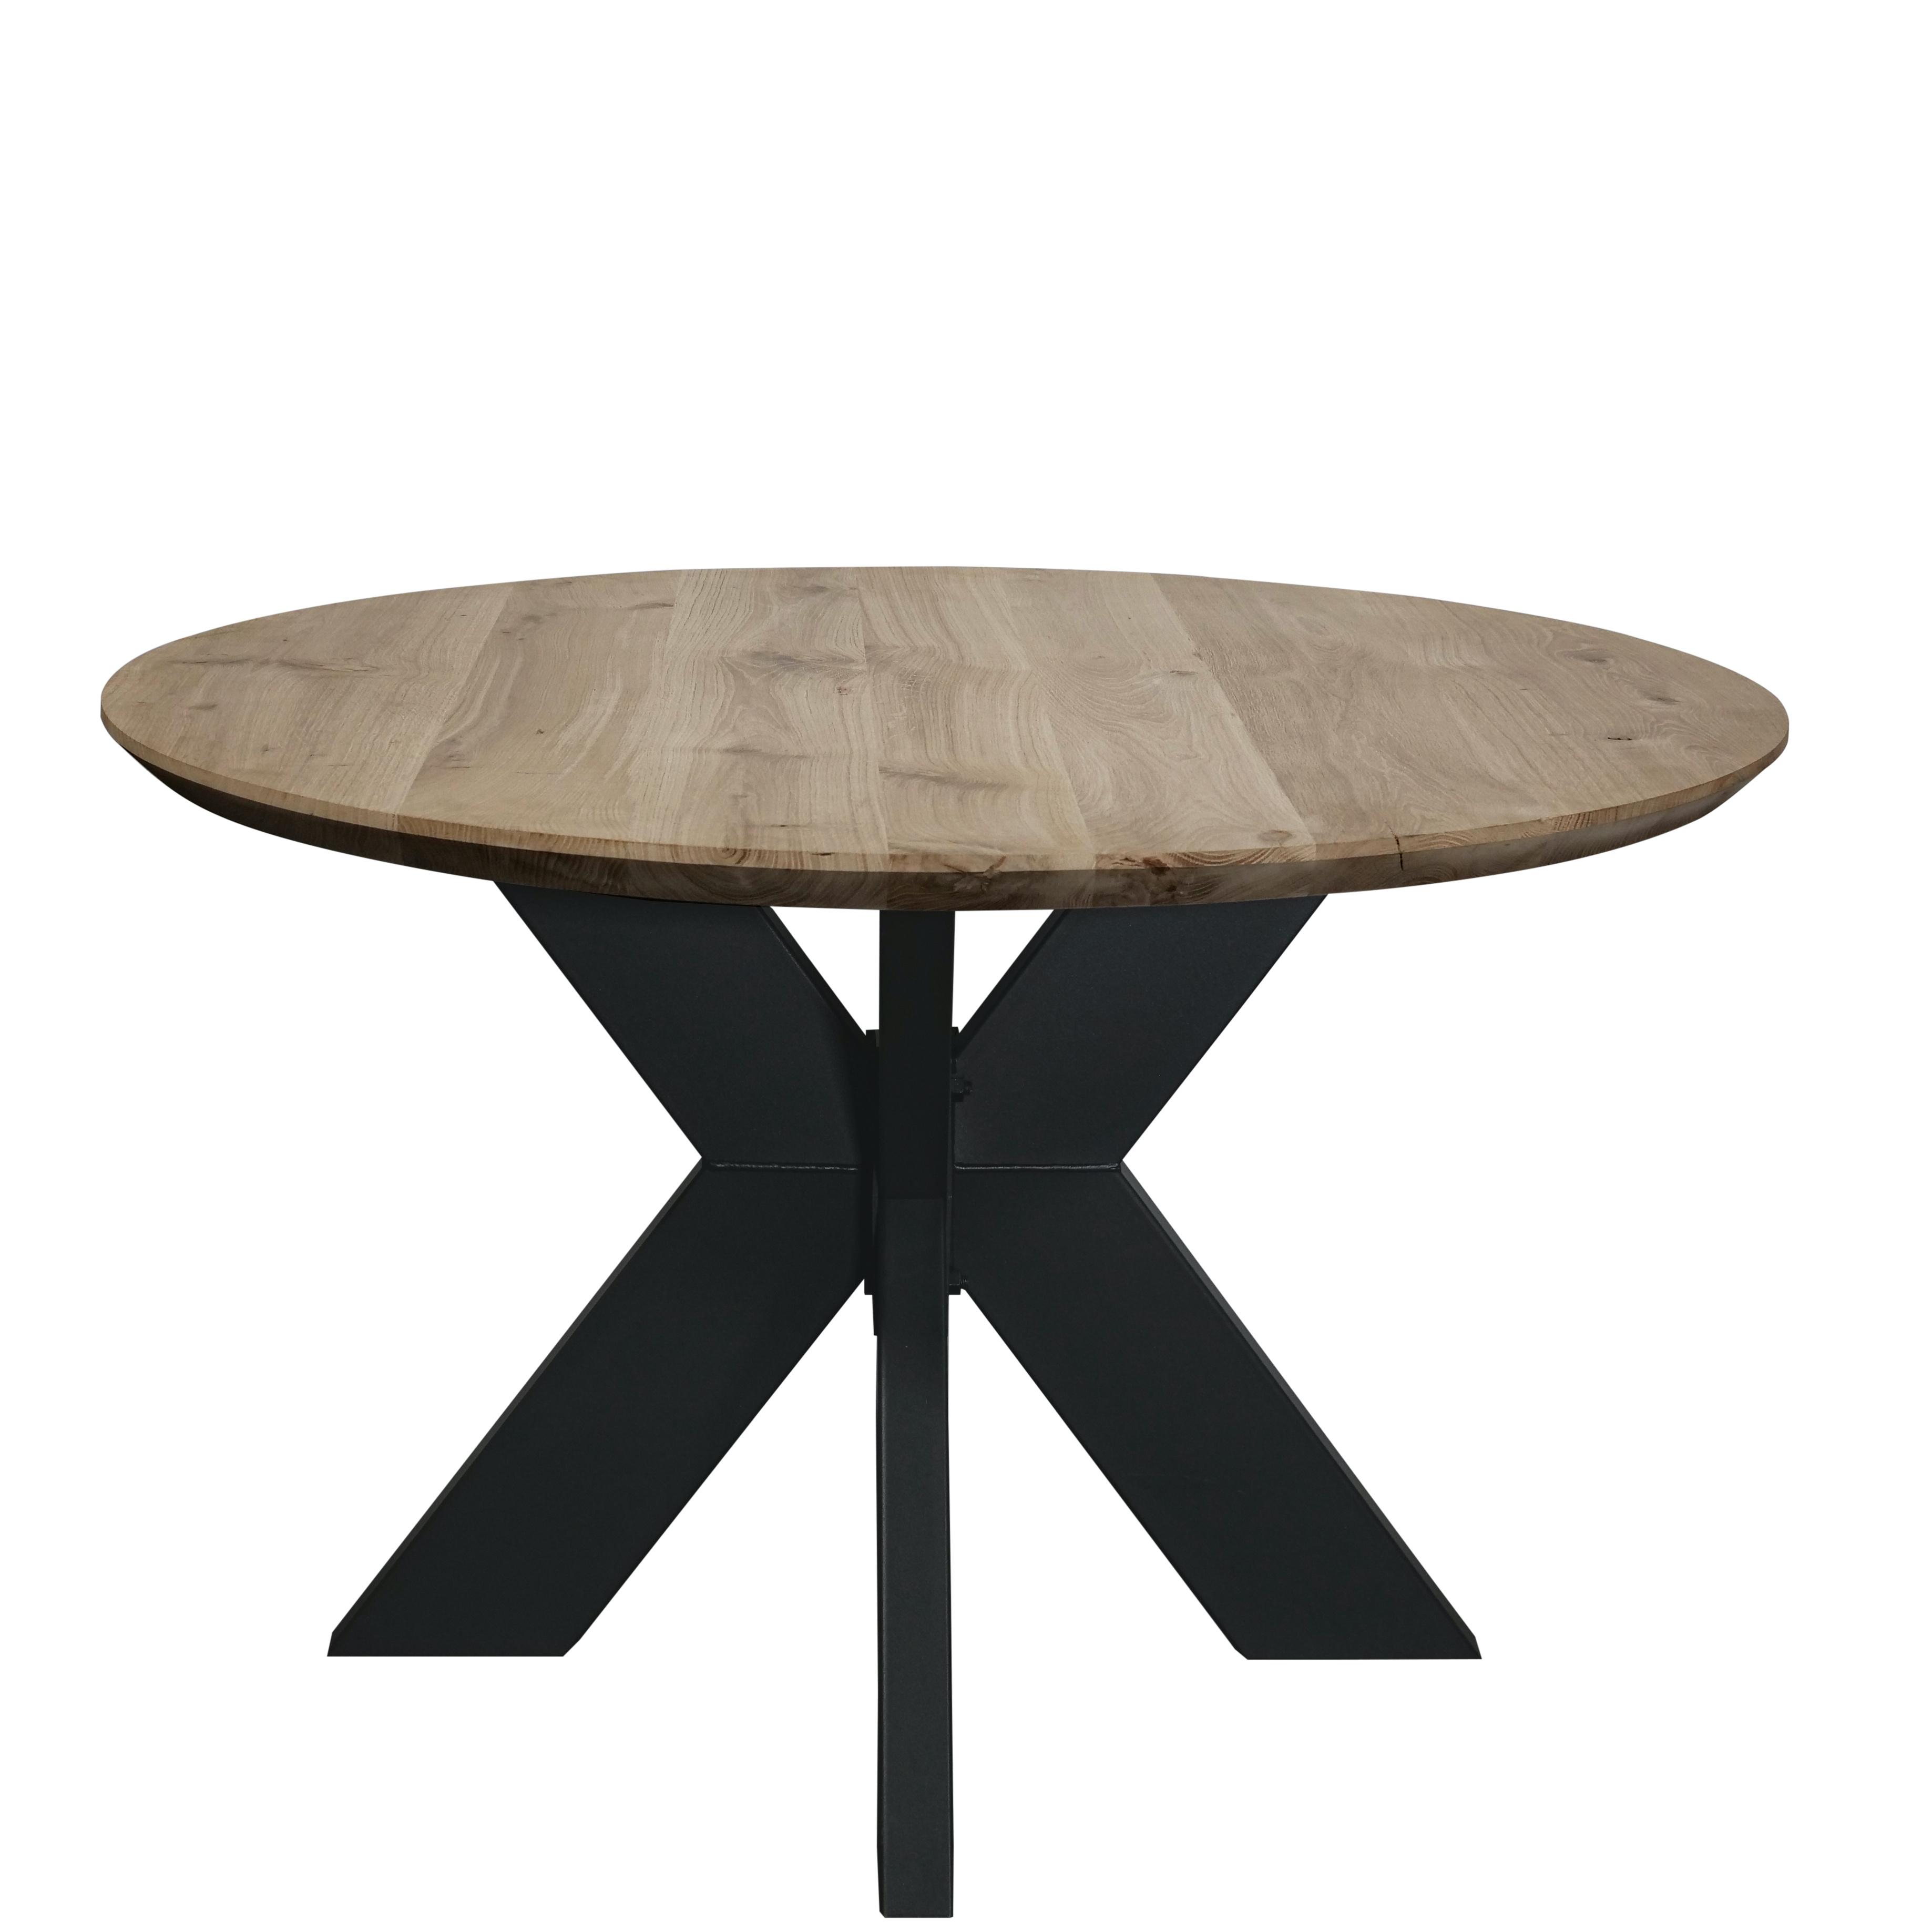 Eiken tafelblad rond - VERJONGD - 4 cm dik (1-laag) - Diverse afmetingen - Rustiek Europees eikenhout - verlijmd kd 10-12% - met verjongde / afgeschuinde rand